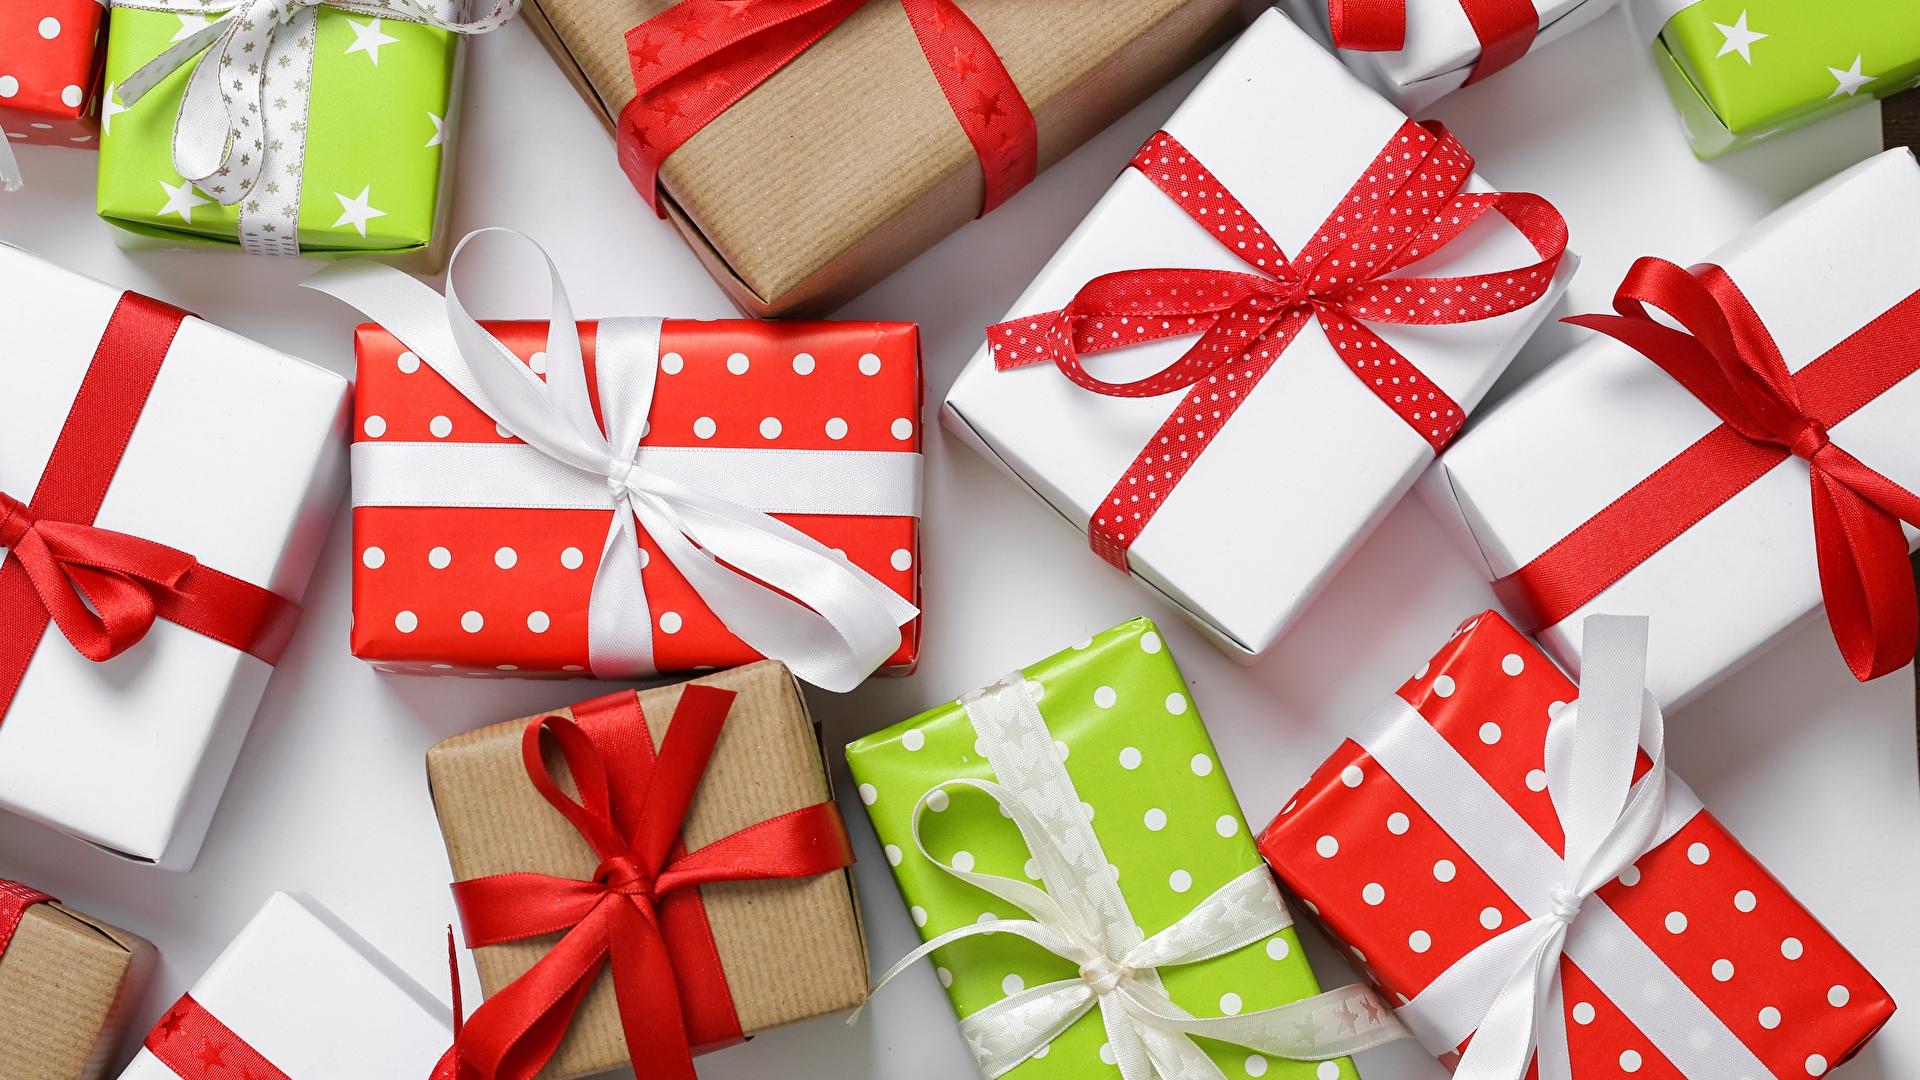 Mayorista de regalos